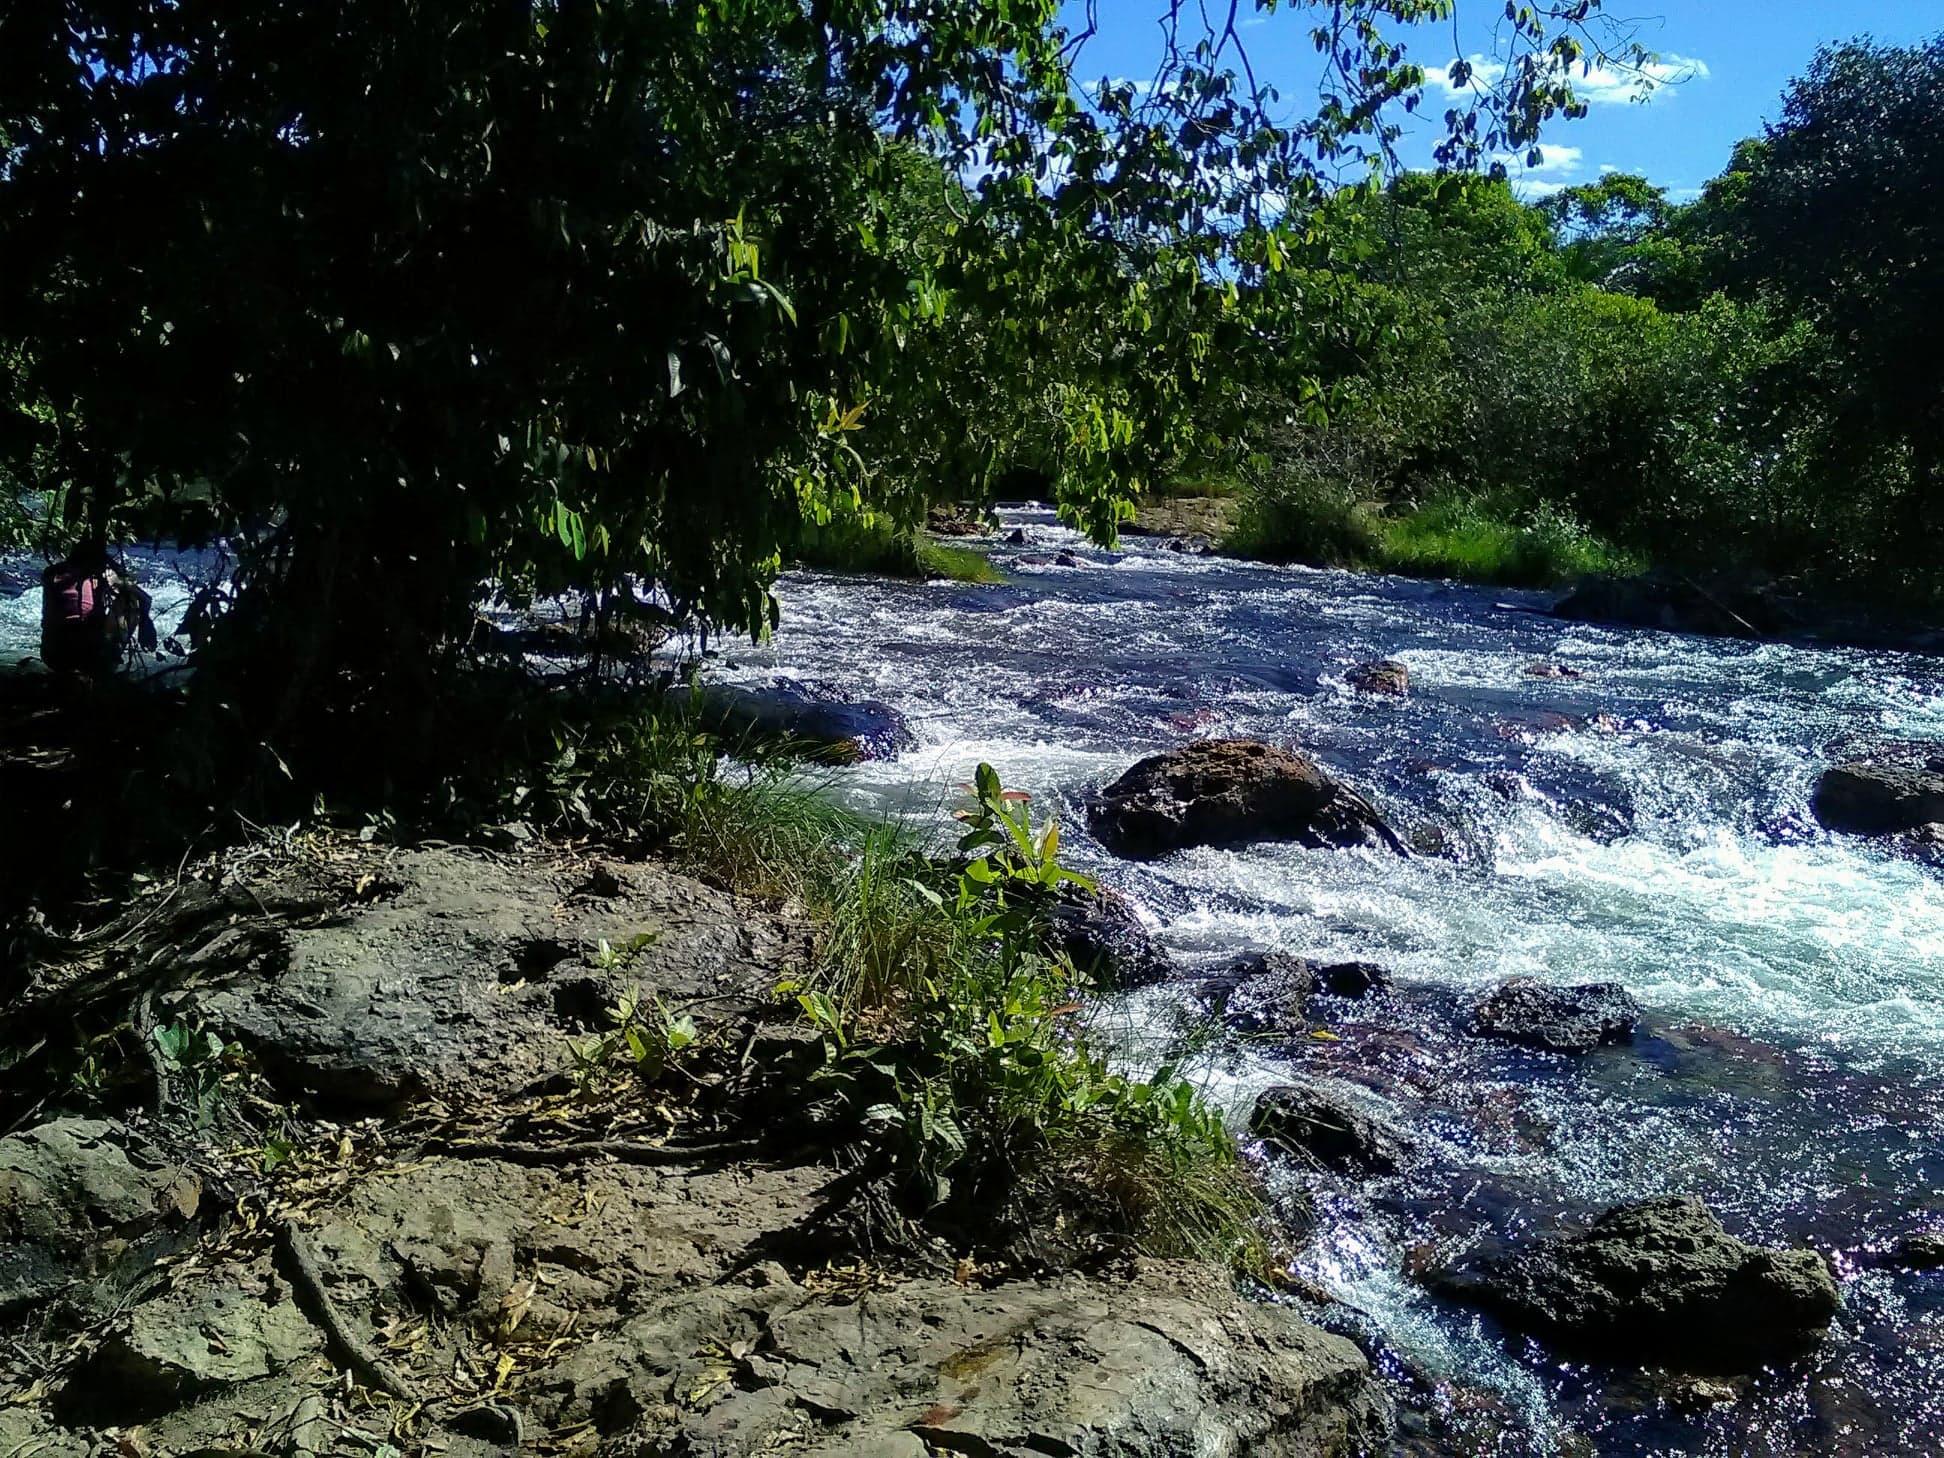 Brazilianen-zijn-dol-op-watervallen-en-water-1